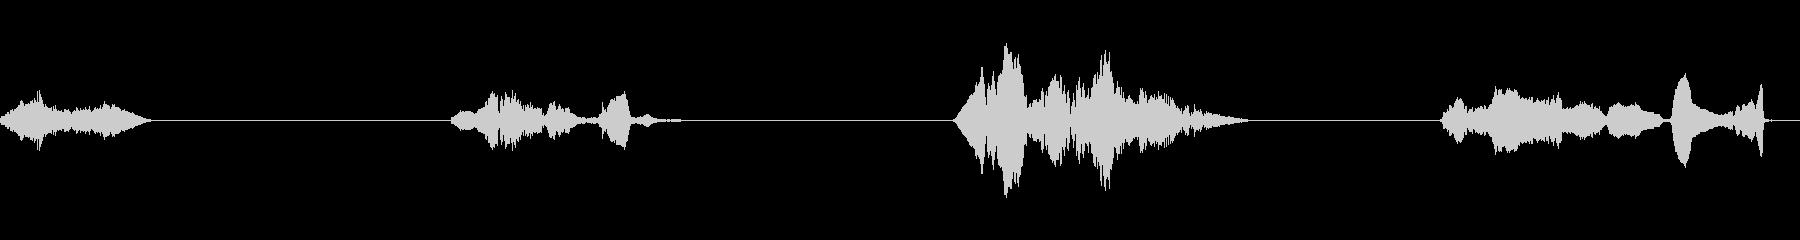 ヒンジきしみ;ヒンジからの4つの遅...の未再生の波形